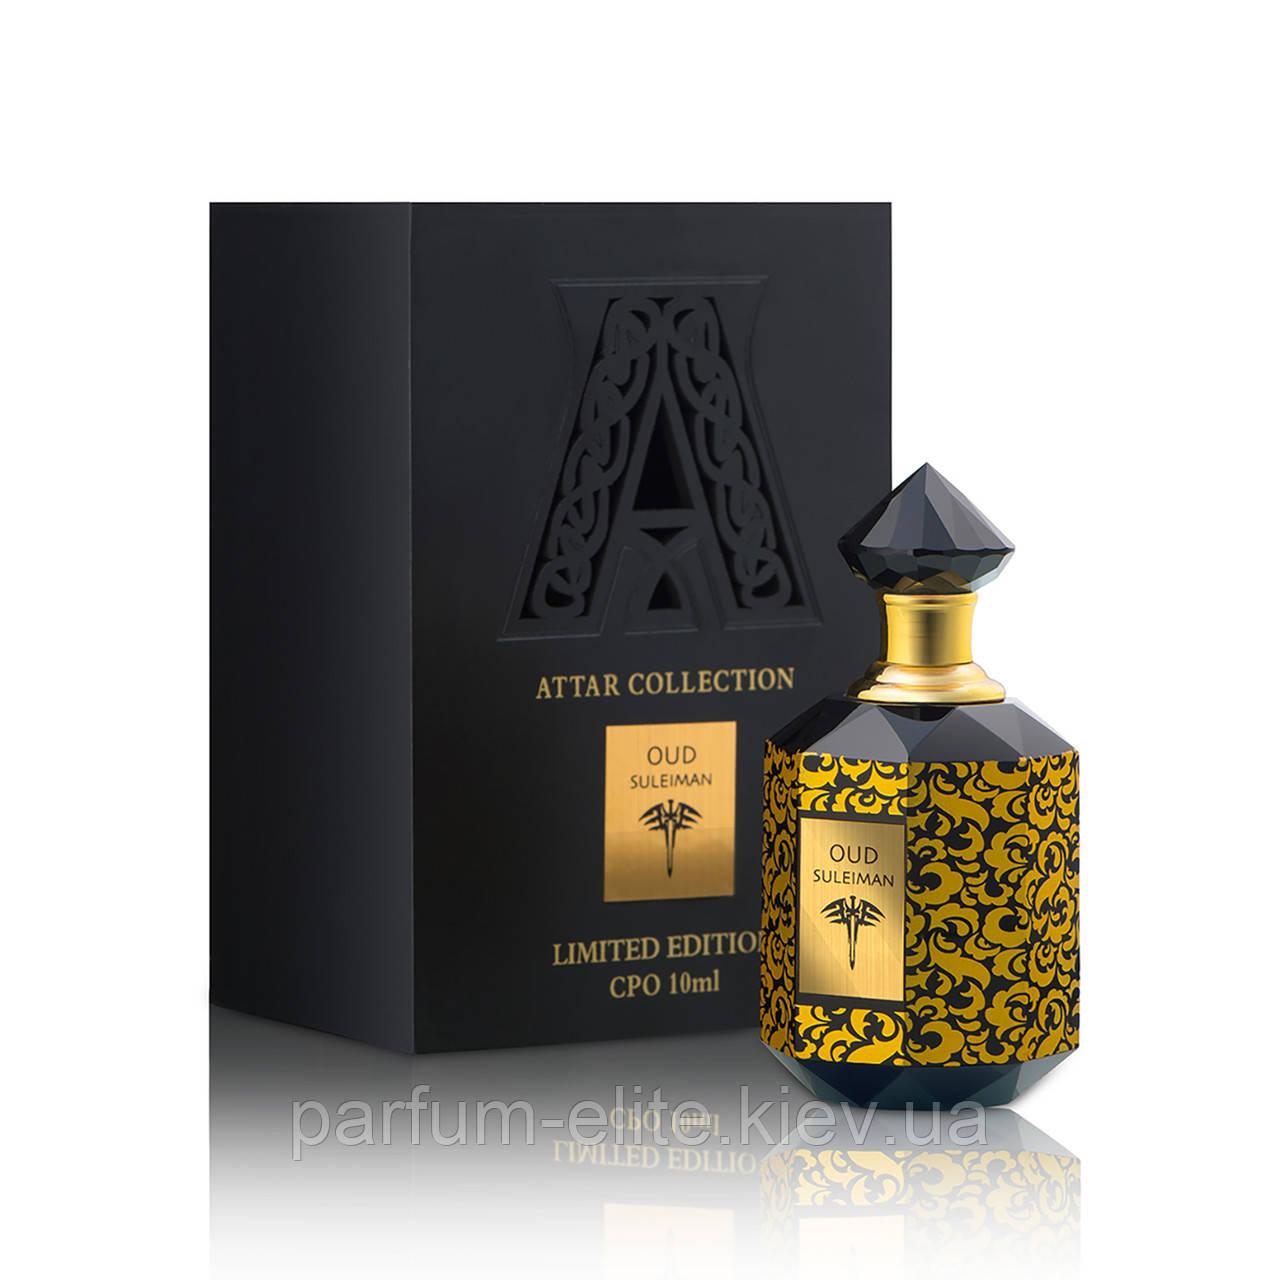 Східні духи унісекс без спирту Attar Collection Oud Suleiman 10ml